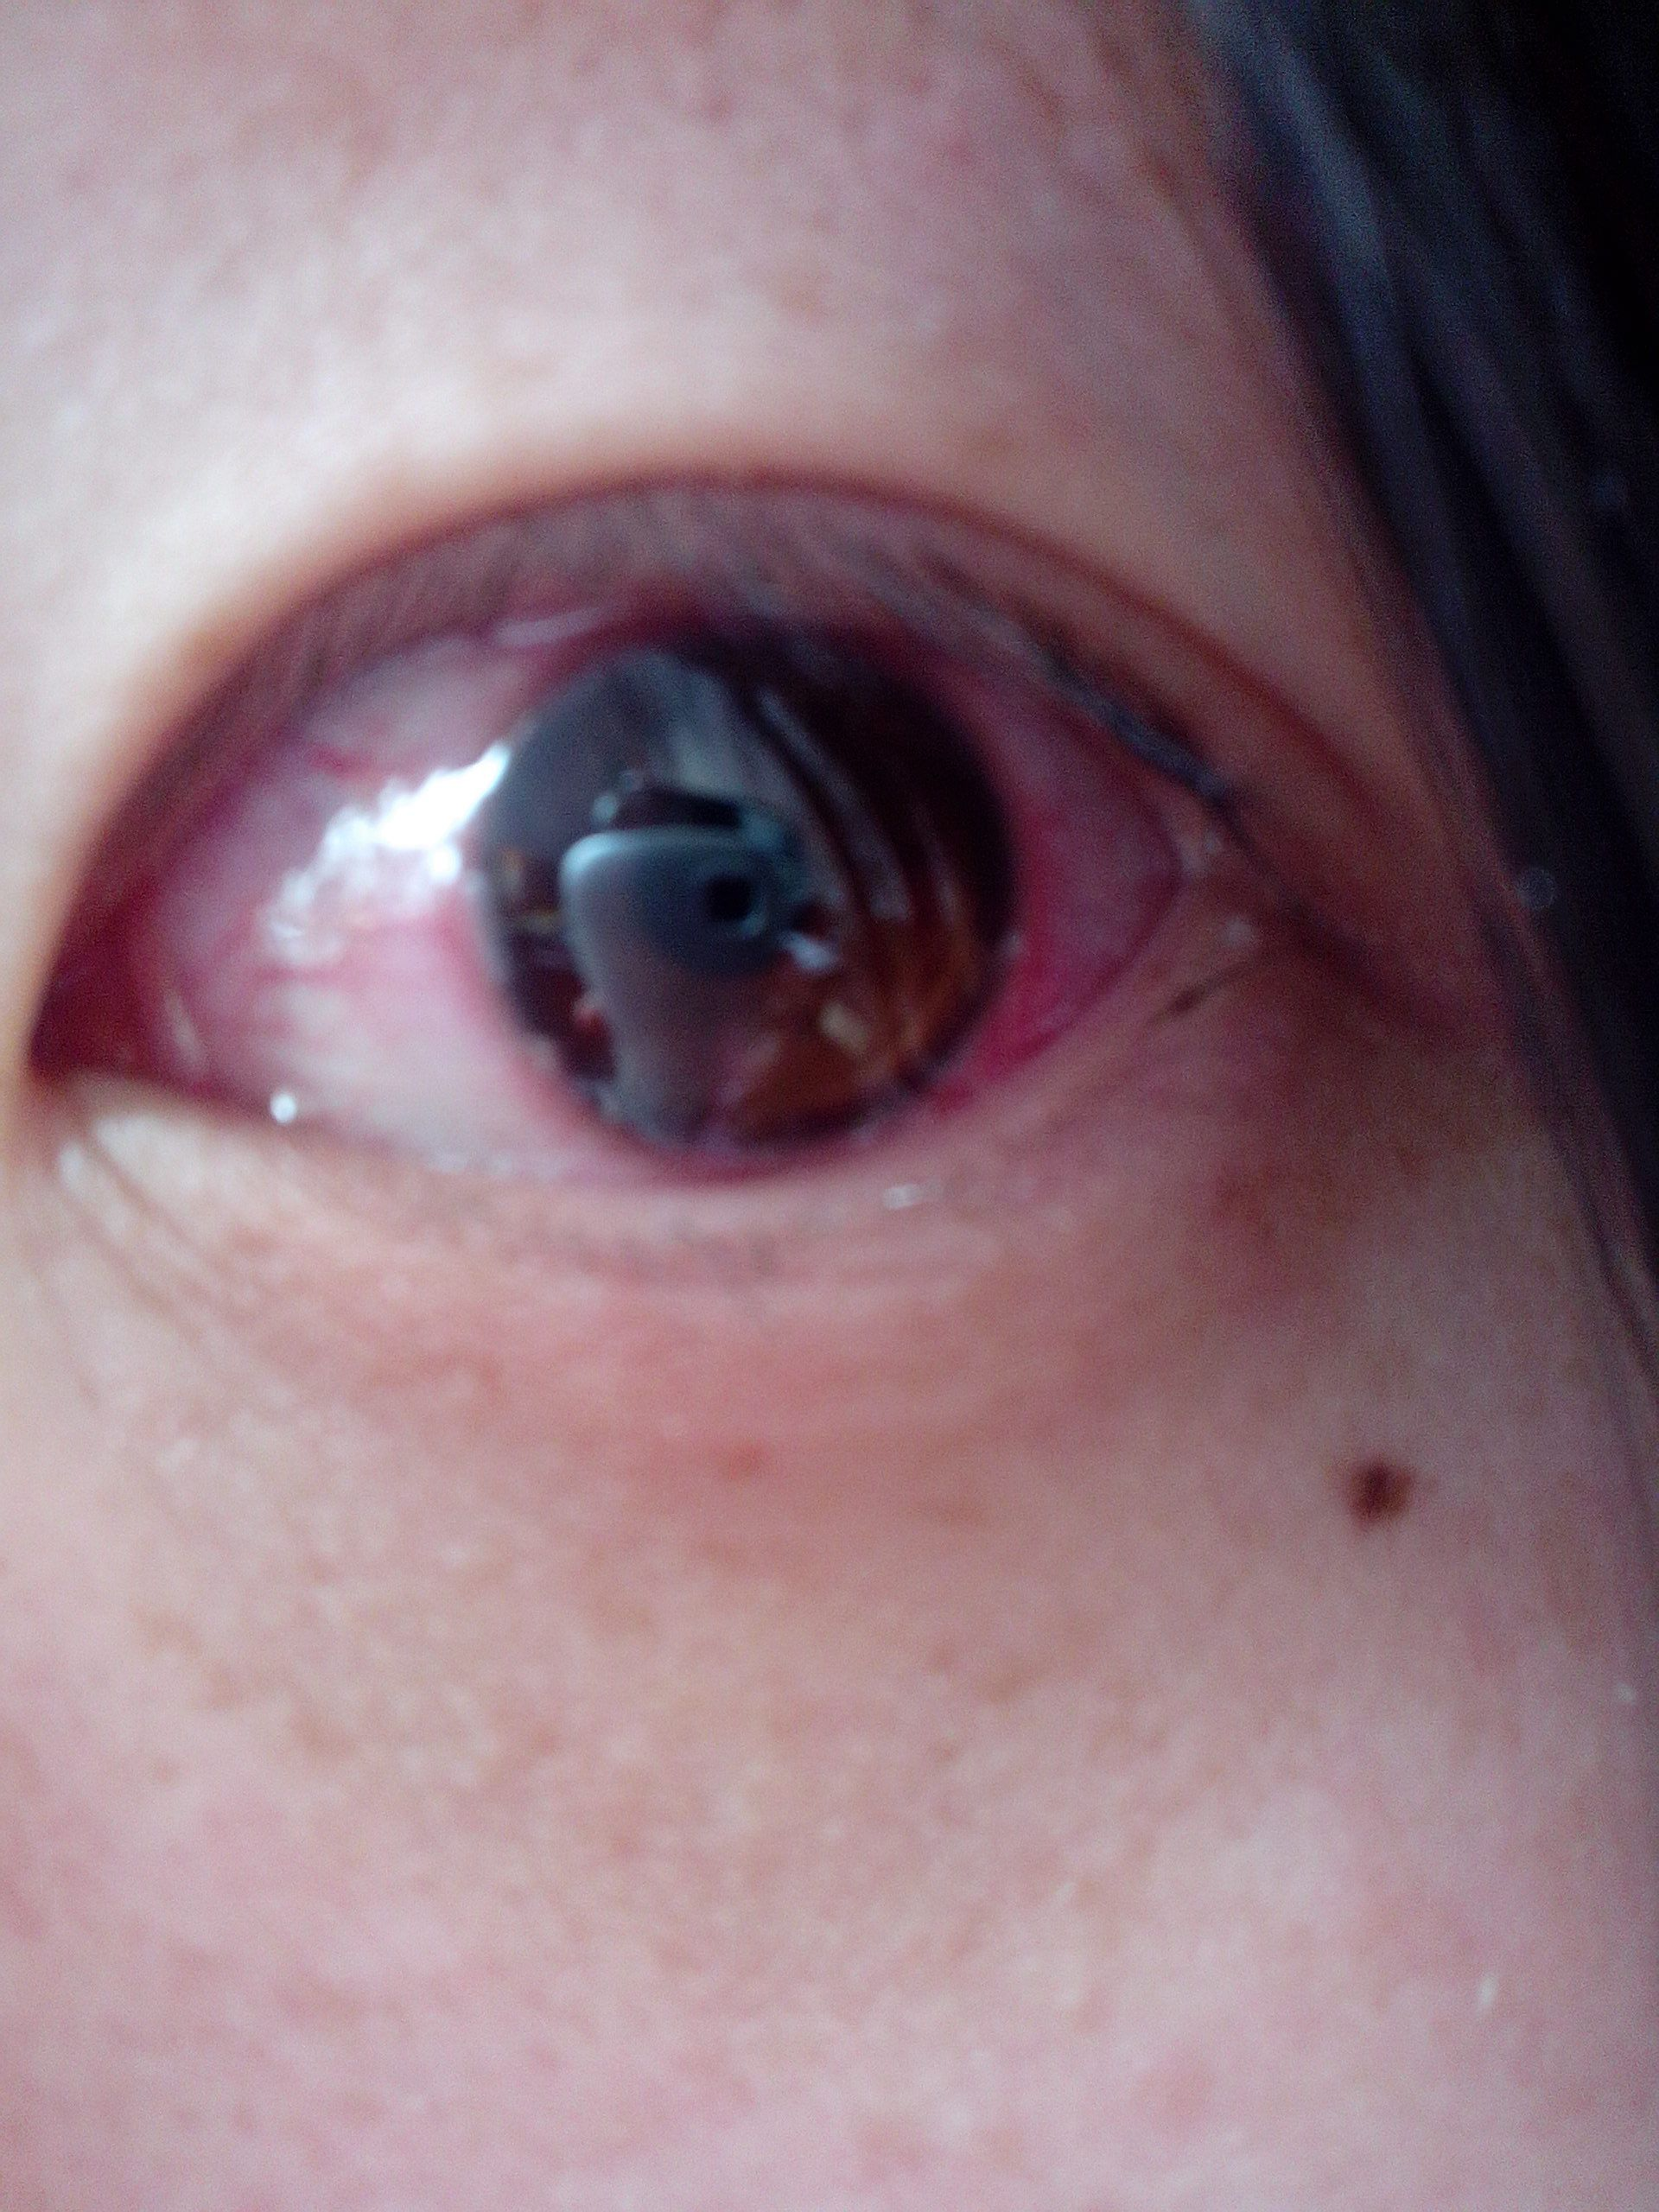 黑眼球上有个白点图片_眼镜啊眼镜